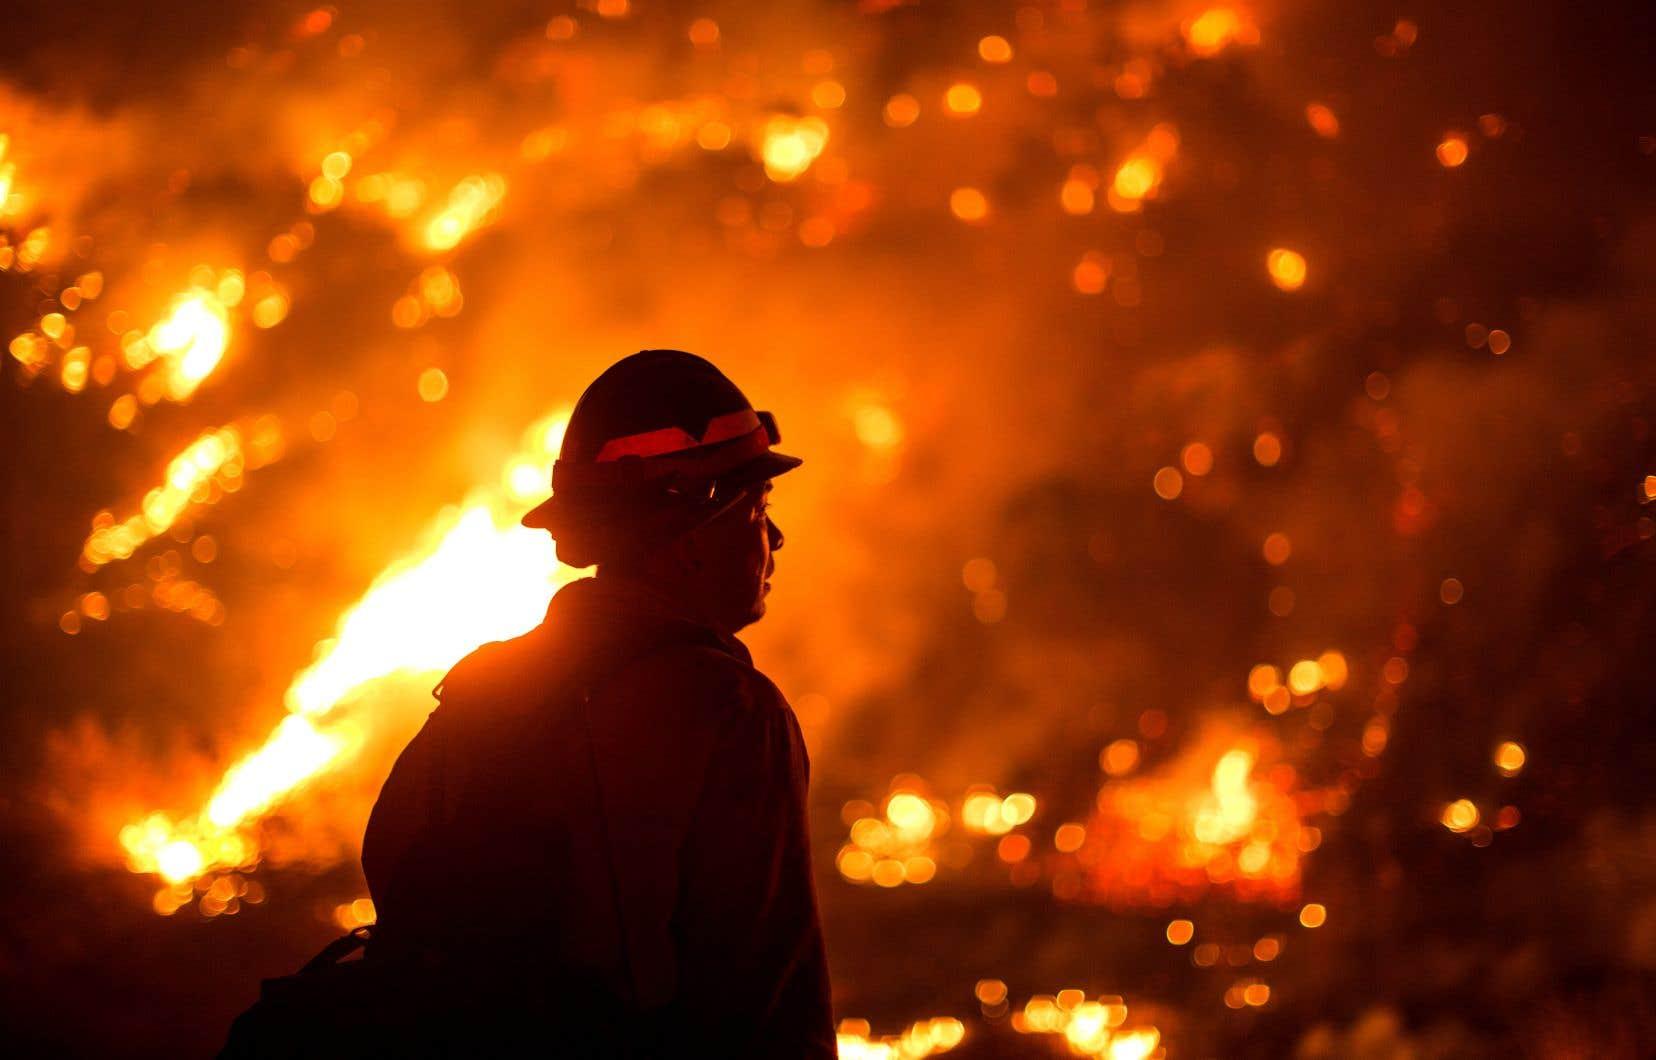 Un pompier observe les flammes lécher les flancs des collines près du parc Monrovia, non loin de Los Angeles. Si à San Francisco les habitants ont pu profiter de la journée d'hier pour ouvrir les fenêtres et aérer leurs maisons, cela ne signifie pas pour autant que la situation est maîtrisée partout: les incendies continuent de faire rage.